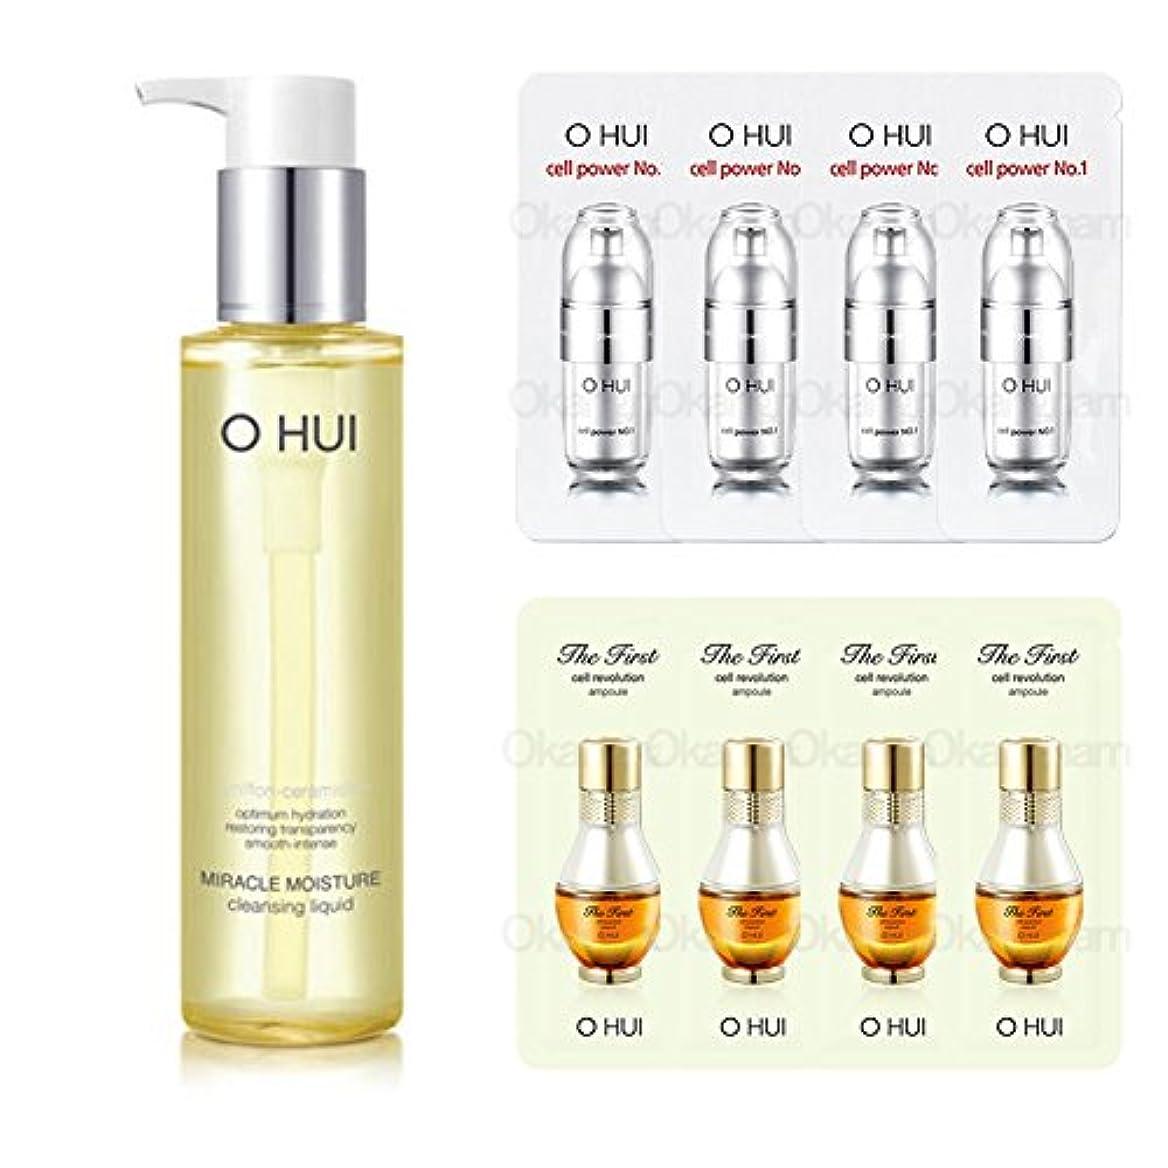 蒸留取り壊す注入オフィ/ O HUI LG生活健康/OHUI Cleansing Oilミラクルモイスチャークレンジングリキッド150ml+ Sample Gift (海外直送品)